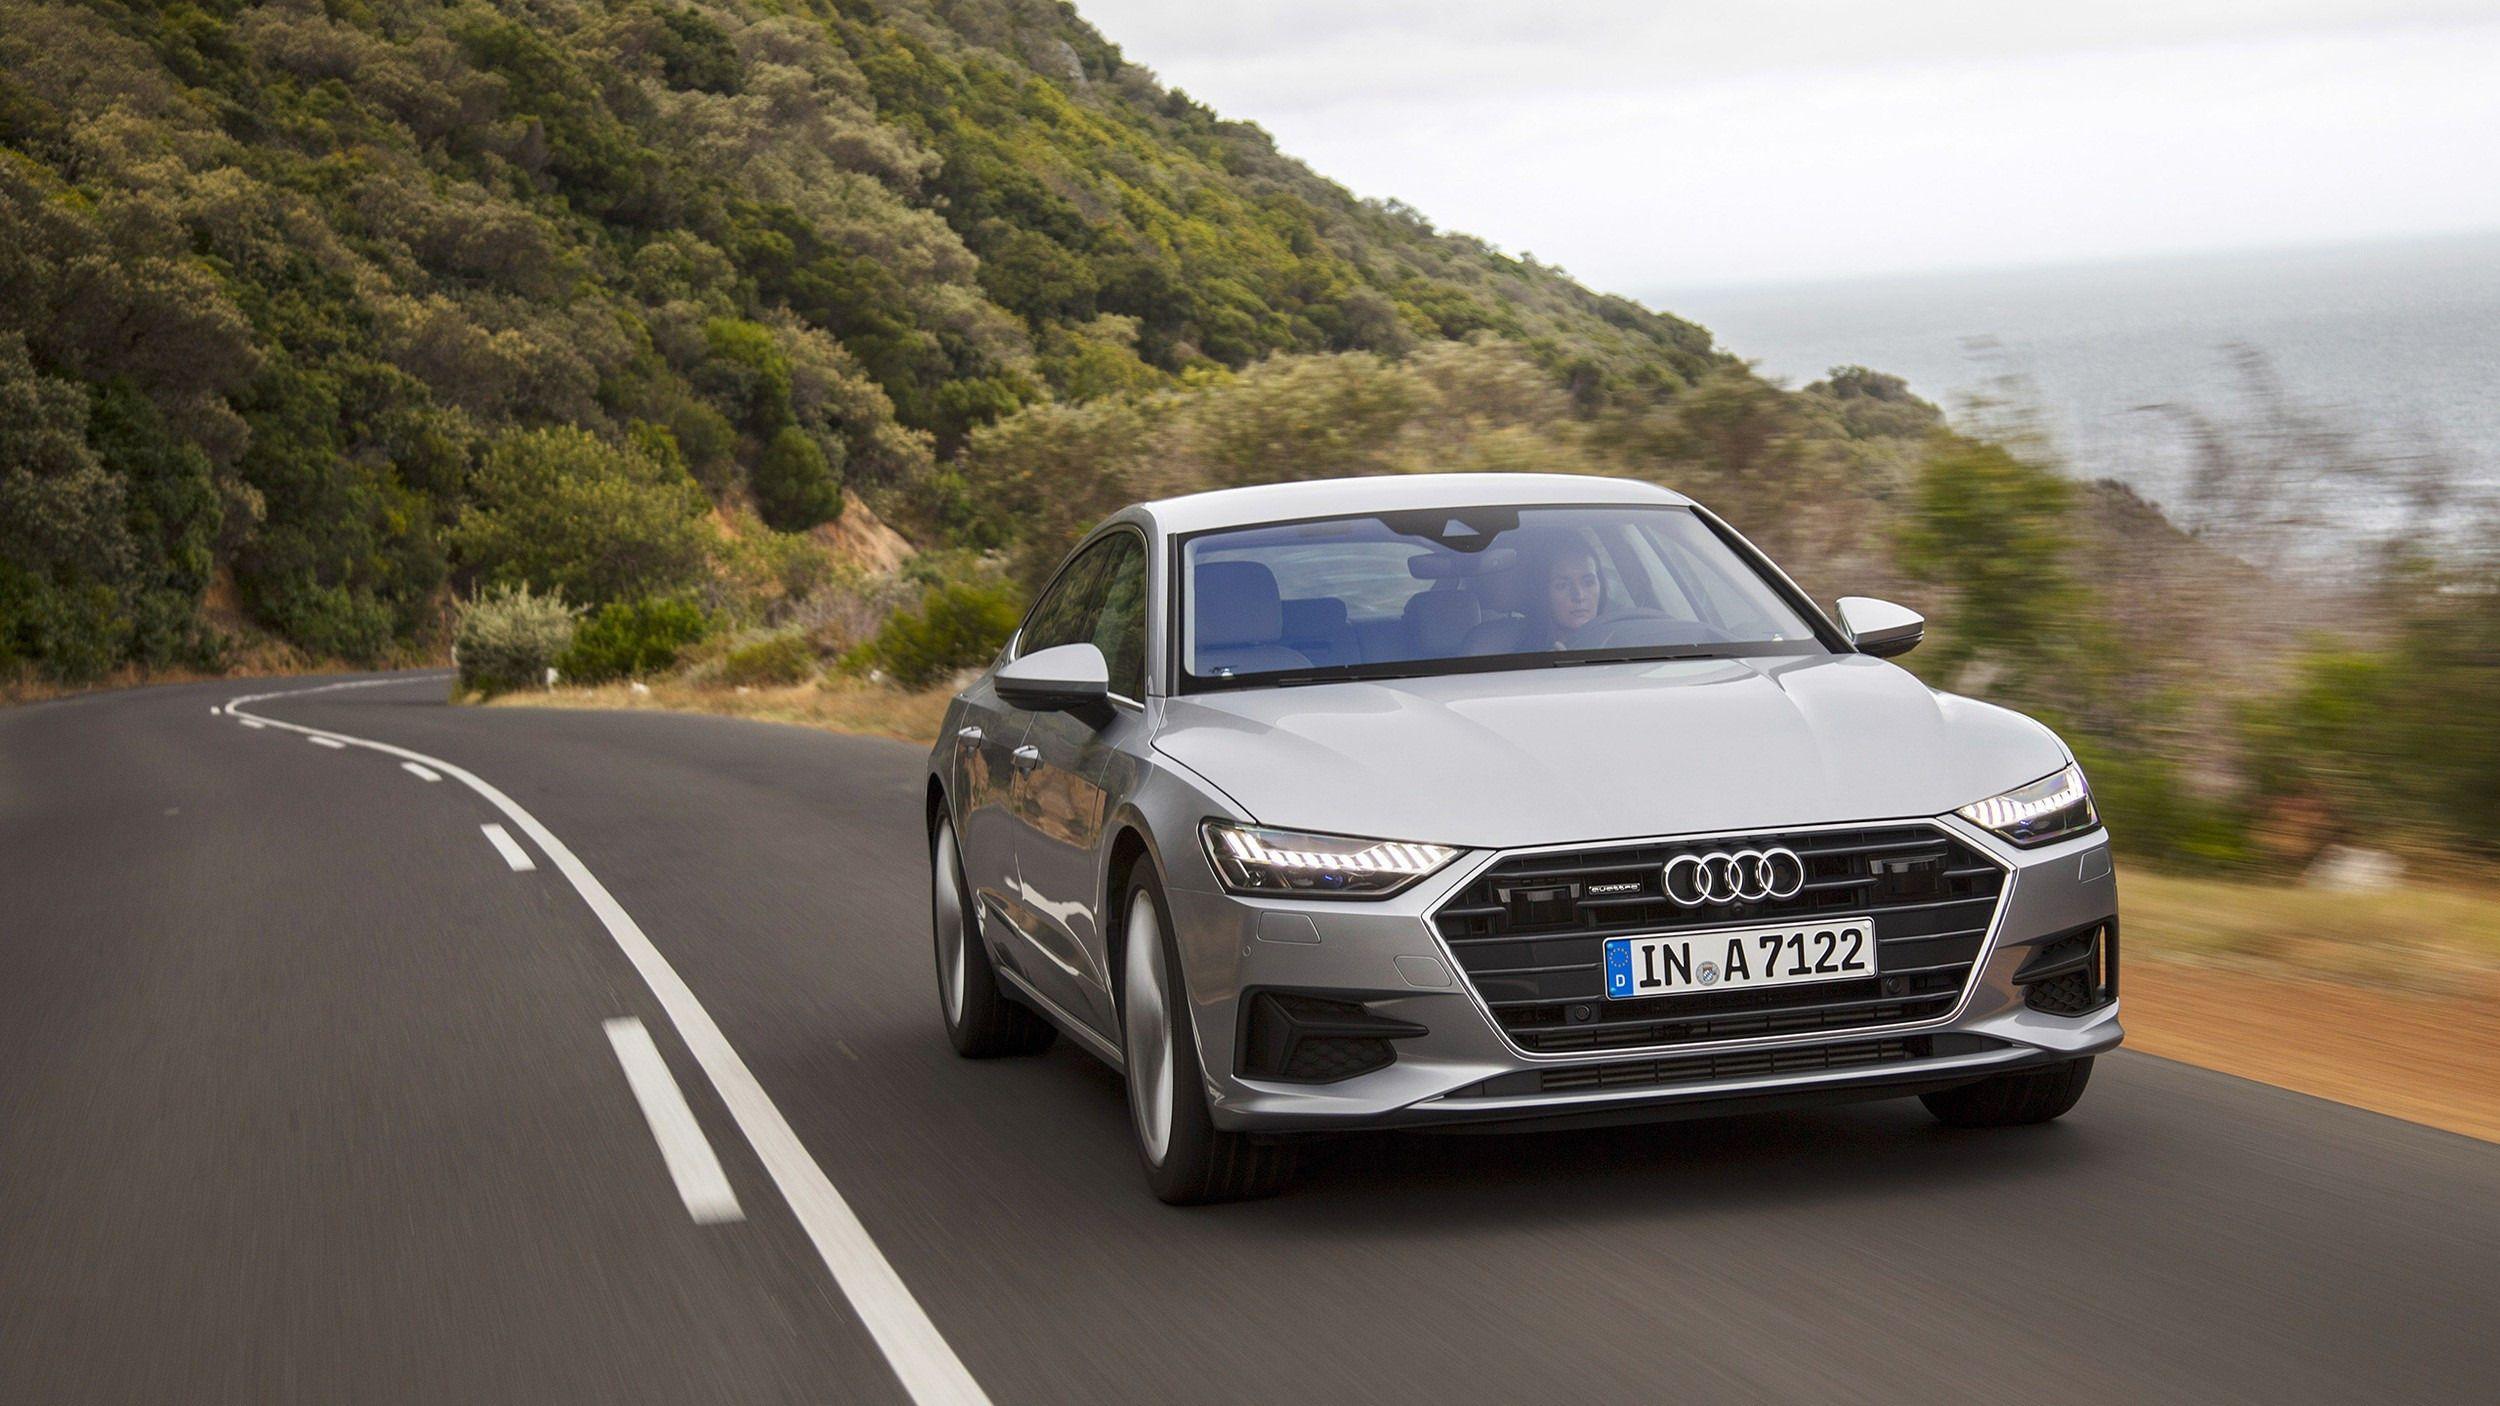 2020 Audi S4 2020 Audi S4 Besten Der Neuer Audi The Best Car Club Audi Audi A6 Audi S5 Sportback